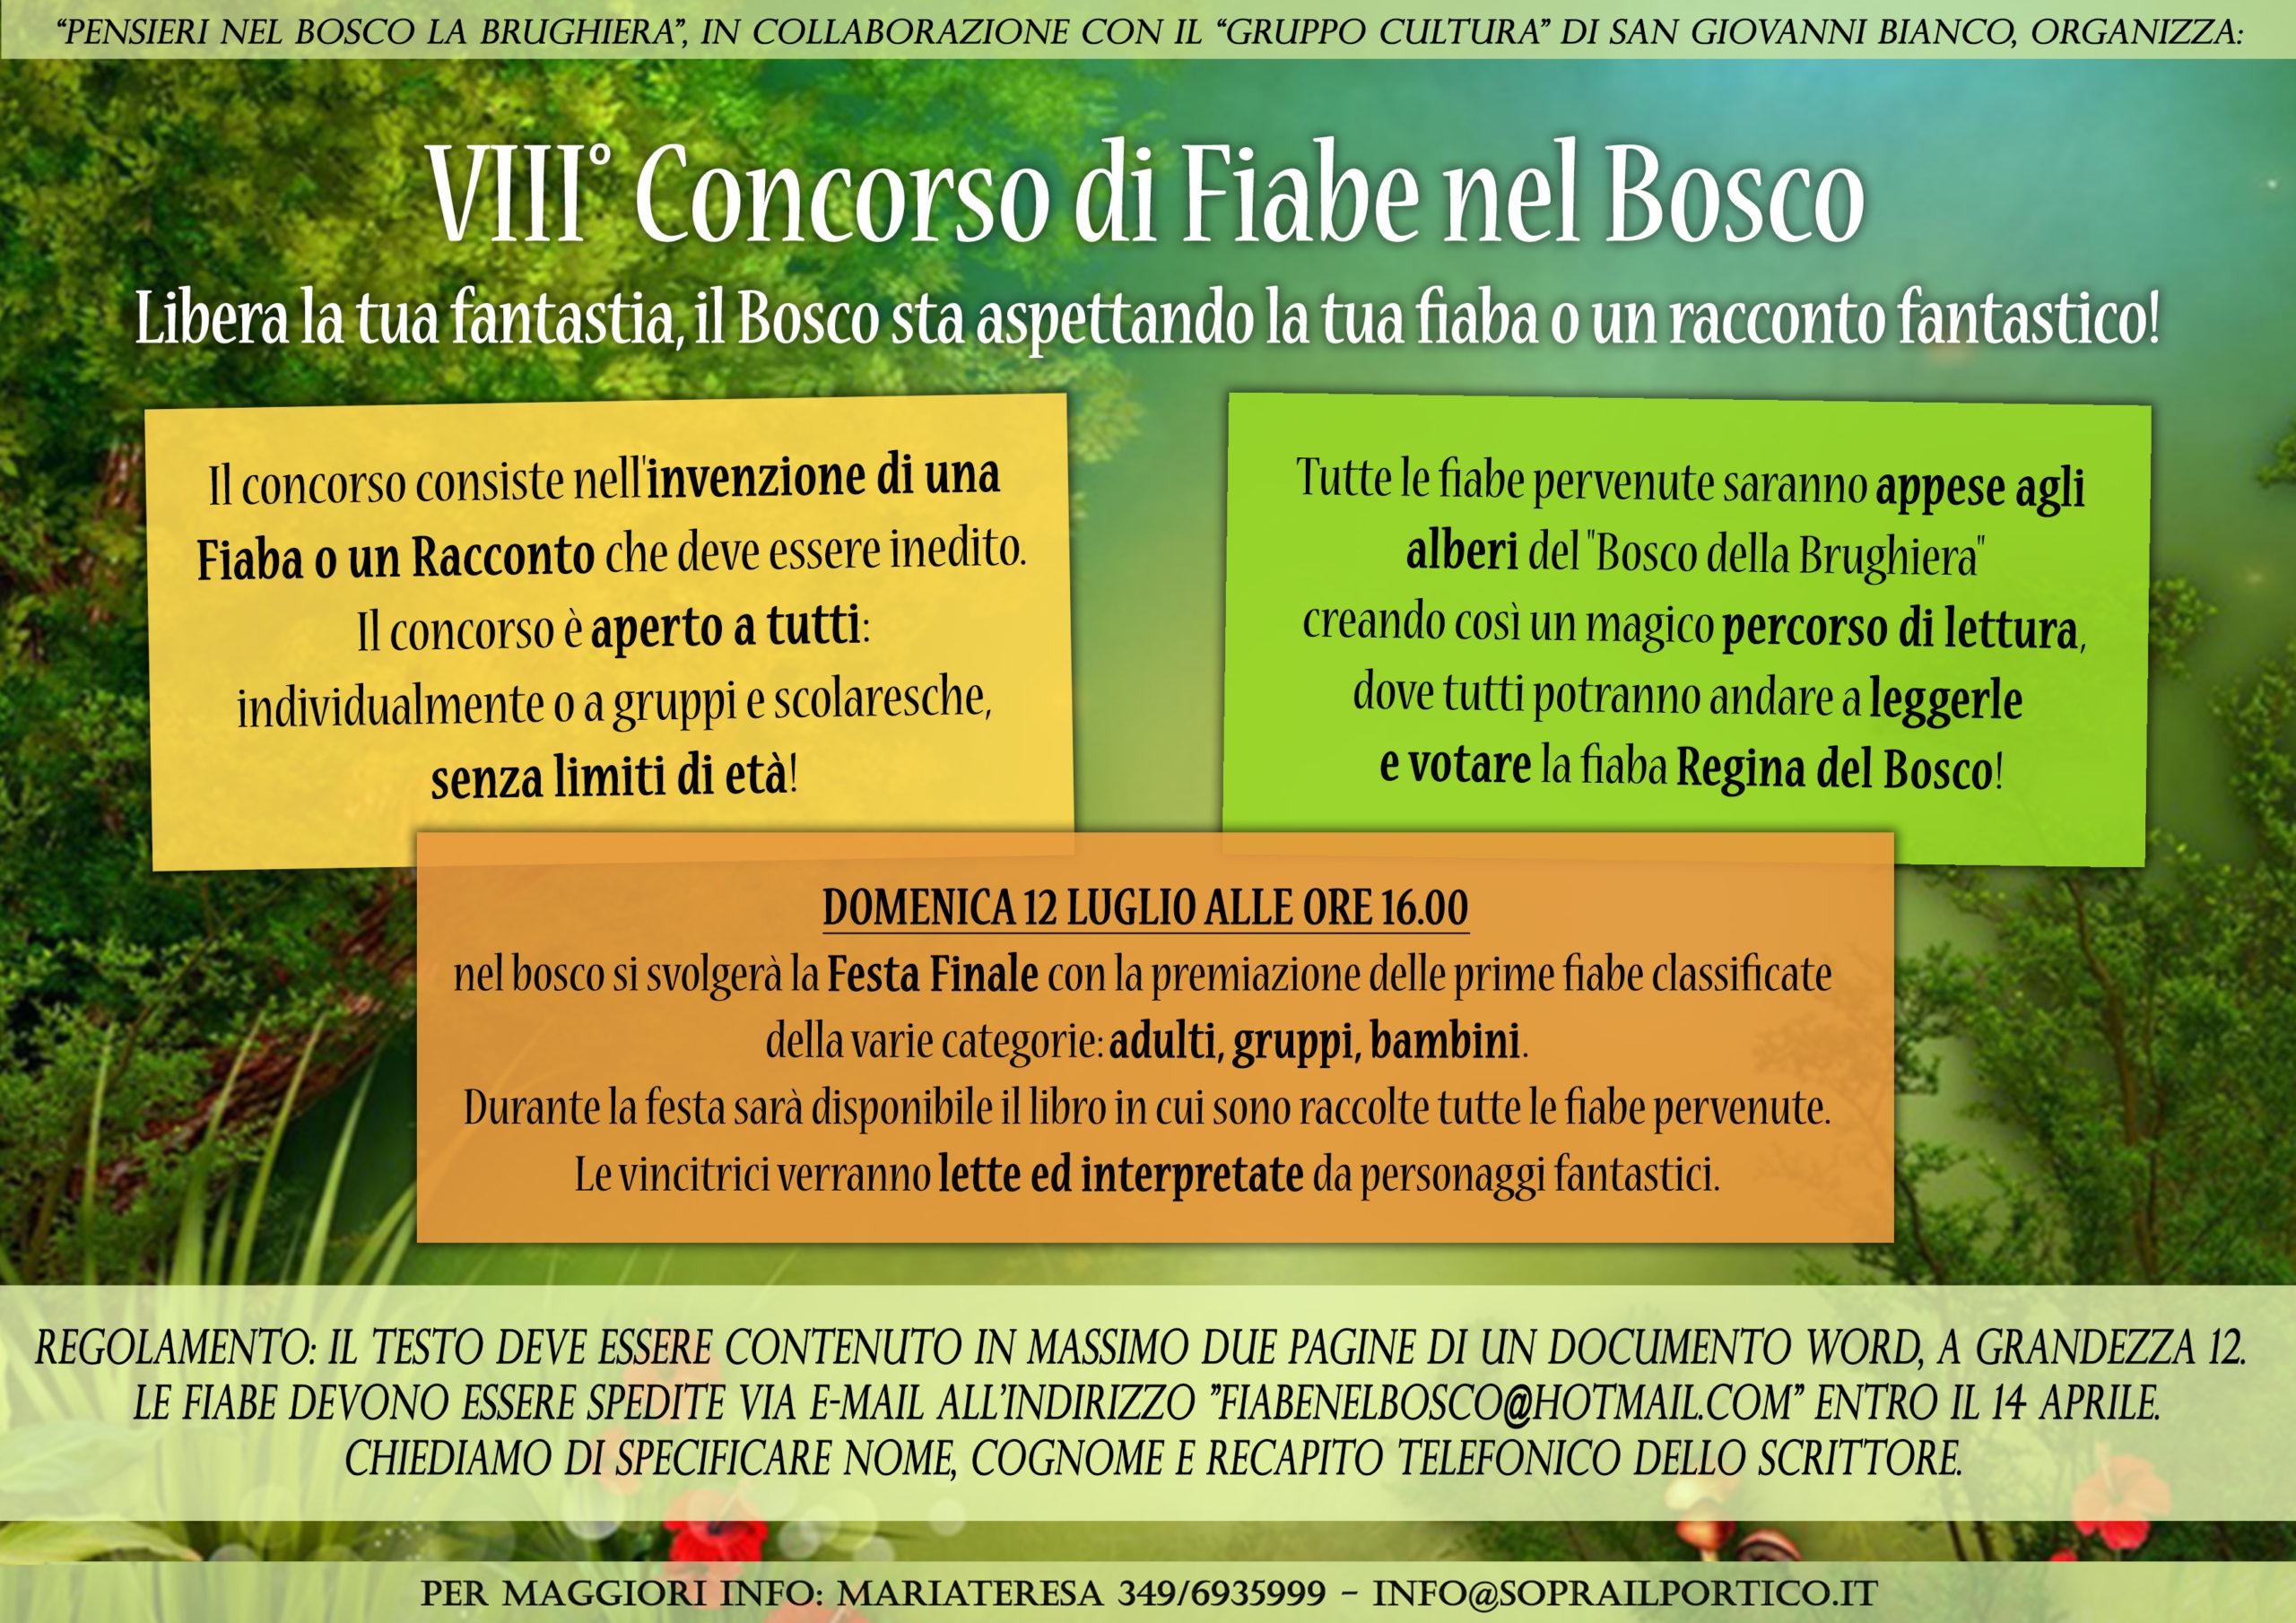 VIII° CONCORSO DI FIABE NEL BOSCO 2020